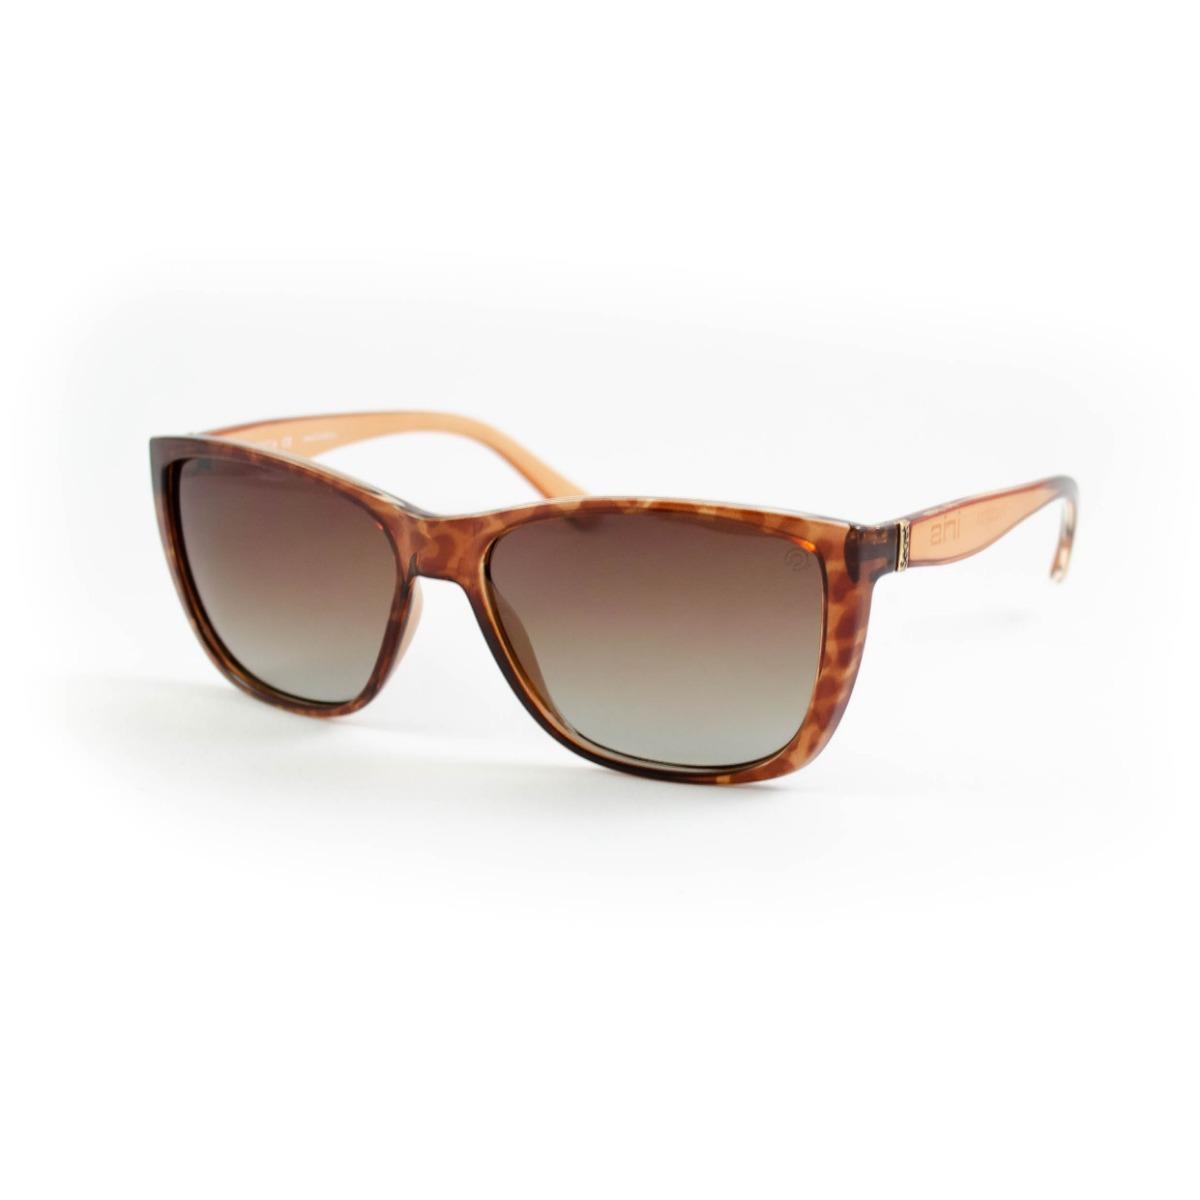 c329d3b54 Óculos De Sol Secret - Iris 96630 733 - Marrom - R$ 279,99 em ...